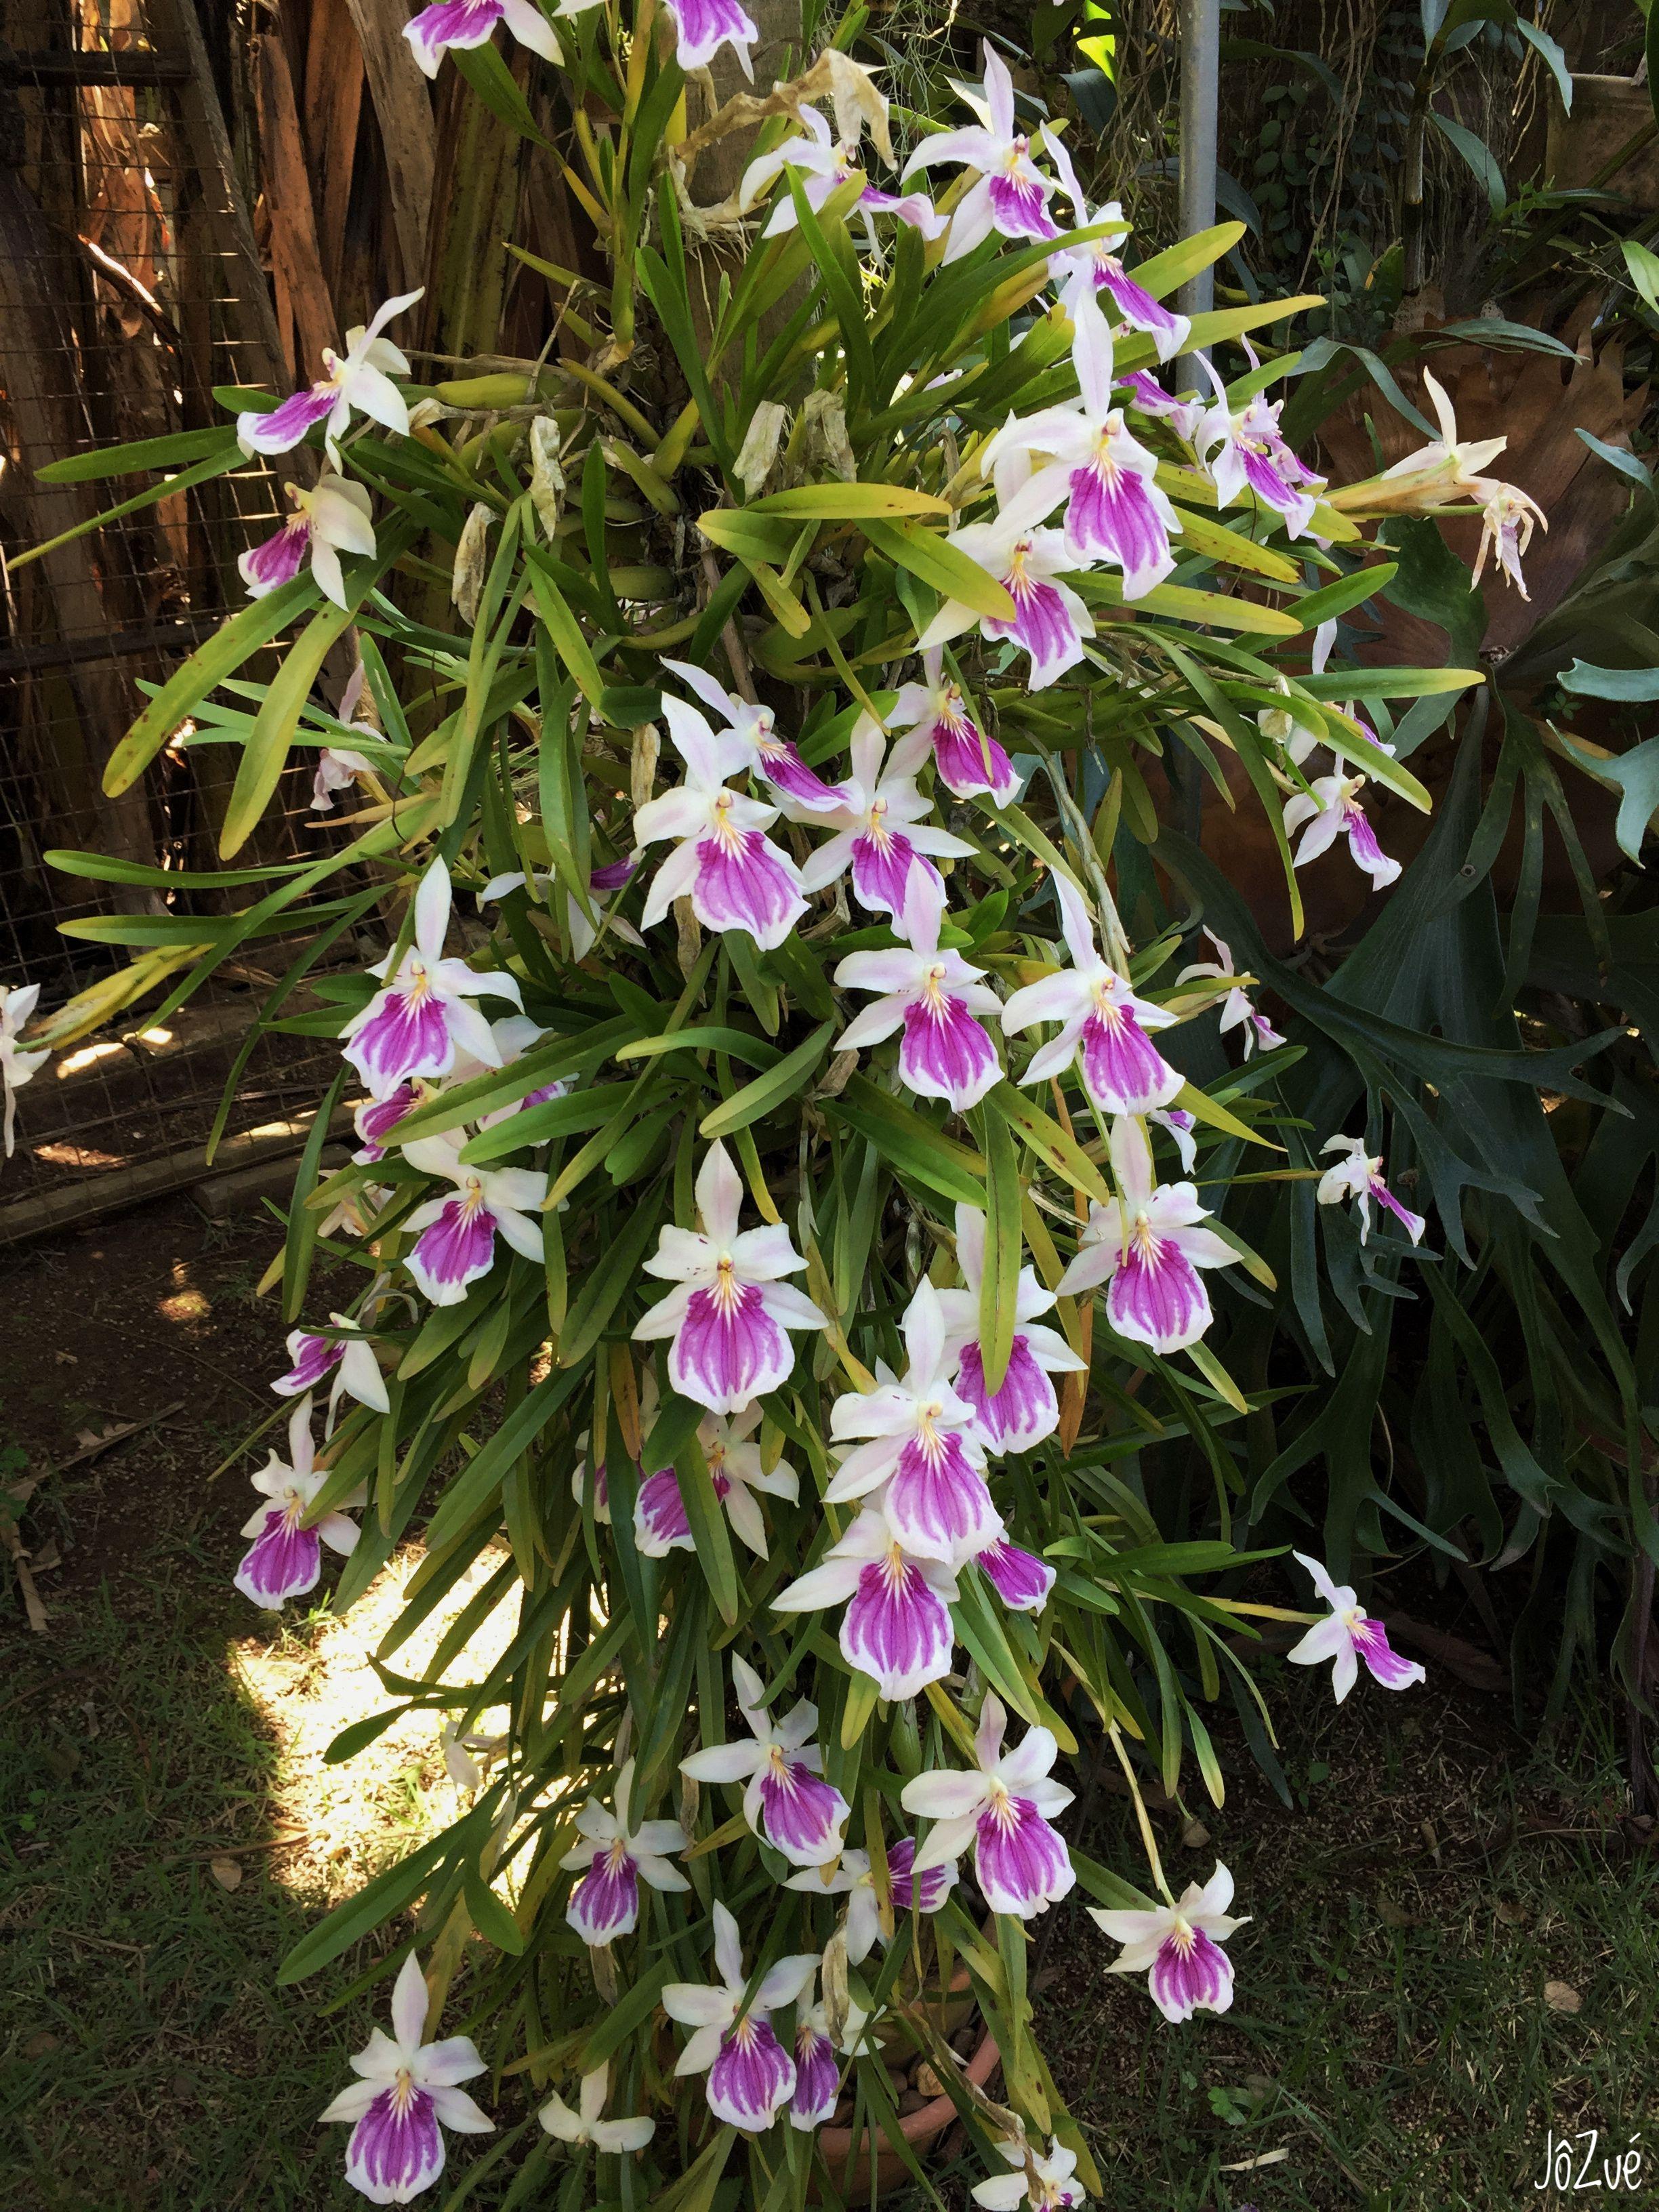 Miltônia spectabilis bicolor craby pinterest orchid plants